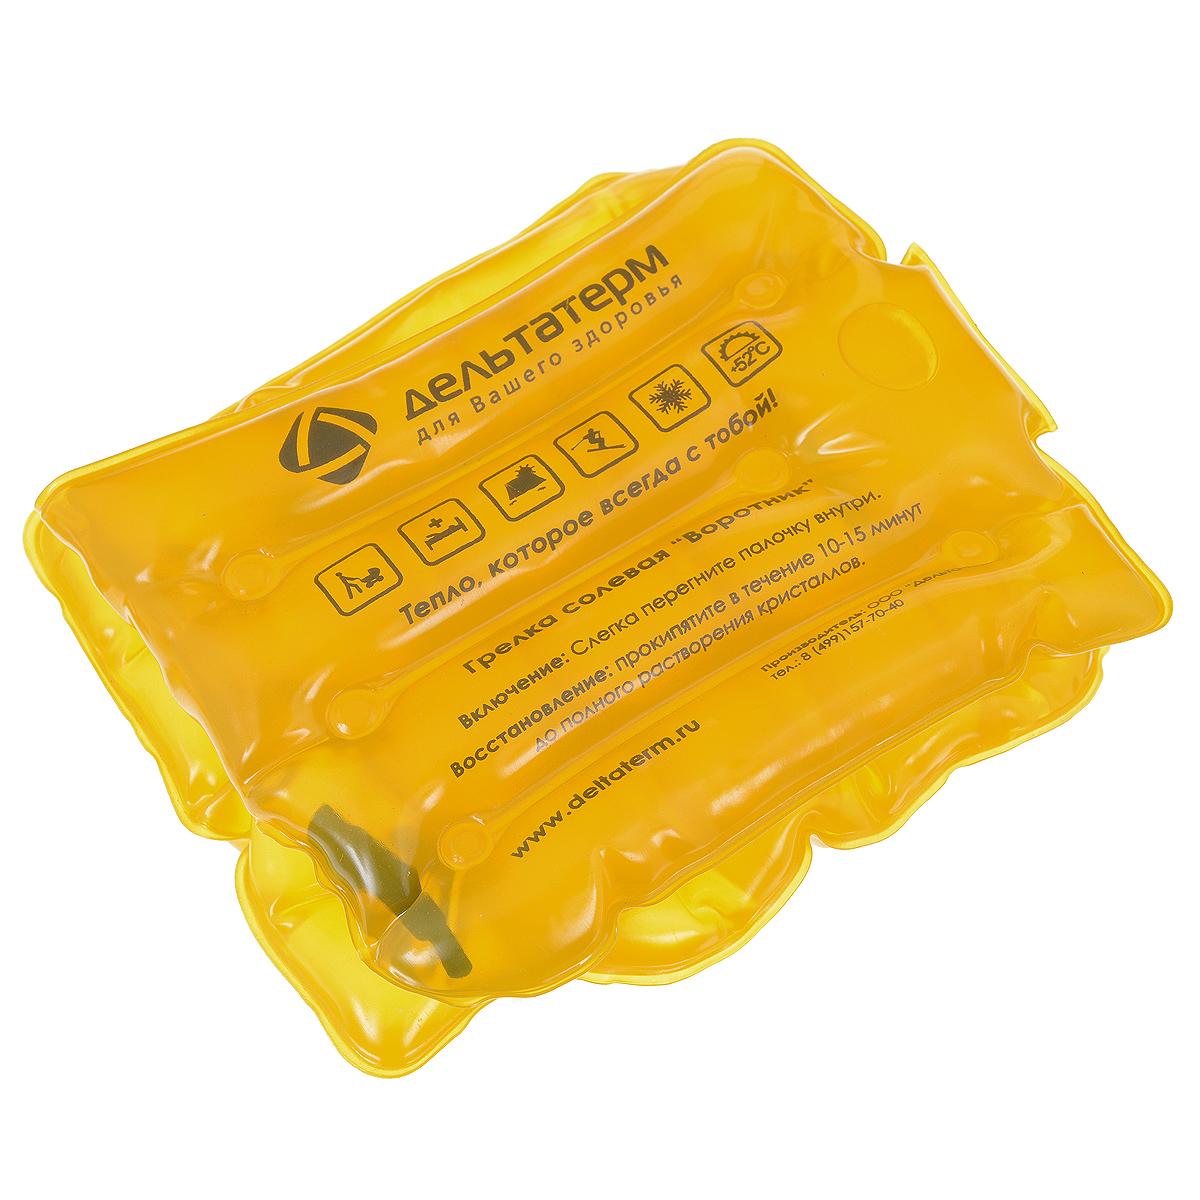 Грелка солевая Воротник, цвет: желтый00-00000176Солевая грелка Воротник предназначена для прогревания уязвимых и труднодоступных участков тела, коленей, локтей, плеча. Применяется при радикулите, остеохондрозе, артрите суставов, миозите, ишиасе. Эффективна при аритмии и сердечной недостаточности. Ускоряет восстановительный процесс после травм и переломов. Для запуска солевой грелки достаточно слегка перегнуть палочку-пускатель, плавающую внутри. Солевая грелка за 10-15 секунд нагреется до оптимальной для процедур температуры +52°С и будет сохранять тепло до 4-х часов! Вы можете использовать солевую грелку многократно! Просто прокипятите солевую грелку в течение 15 минут, и она снова готова к работе!